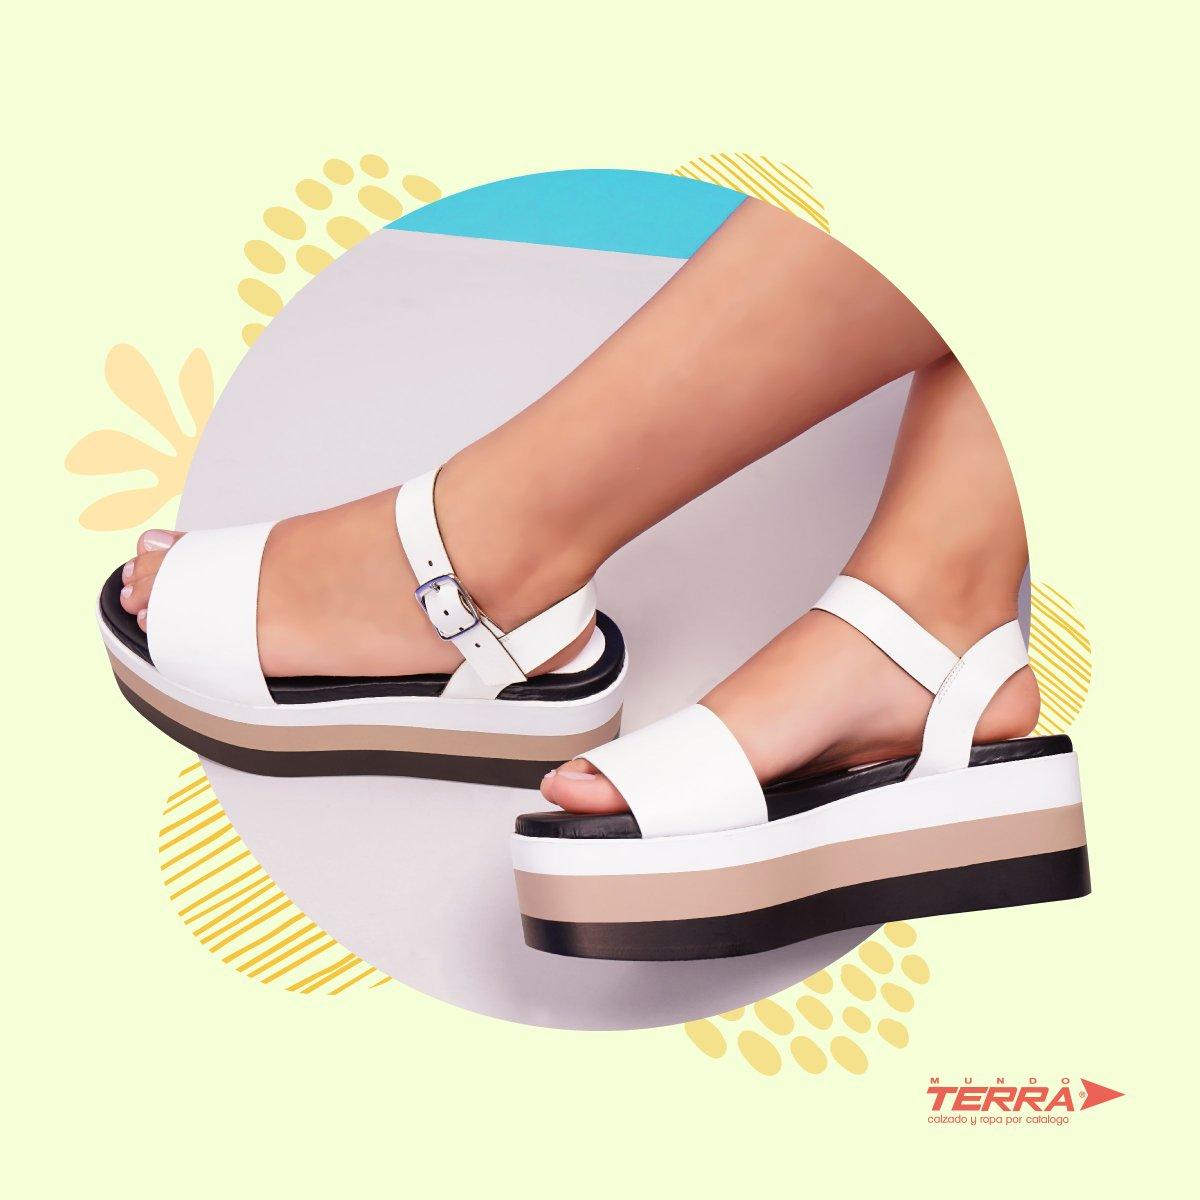 Es momento de optar por zapatos abiertos, una opción fresca que suman comodidad y frescura a nuestros pasos. ¡Dale la bienvenida a Marzo!  #mundoterra #elmundoesdenosotras #shoes #loveshoes https://t.co/EezjBBZ8tC